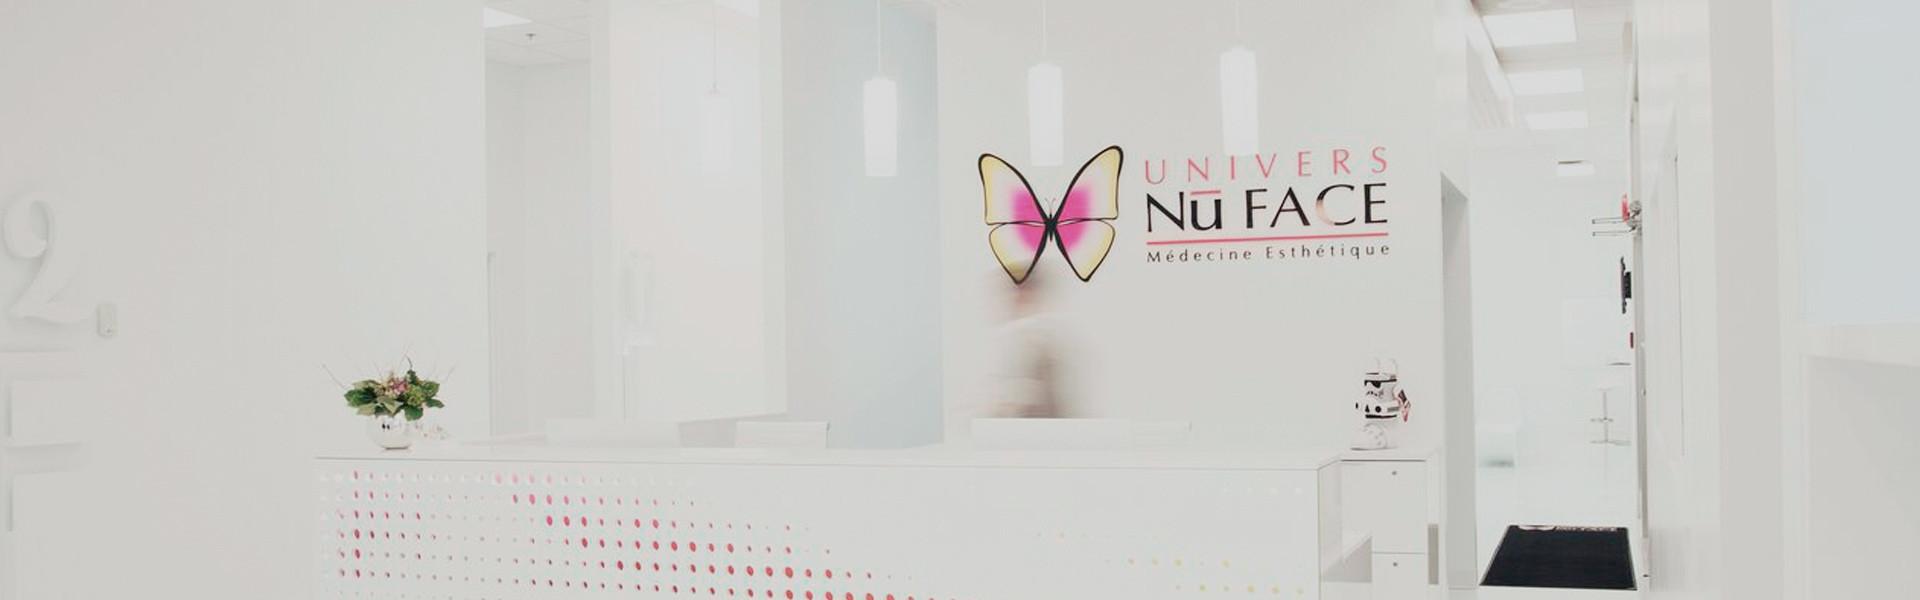 Univers NuFace - Centropolis